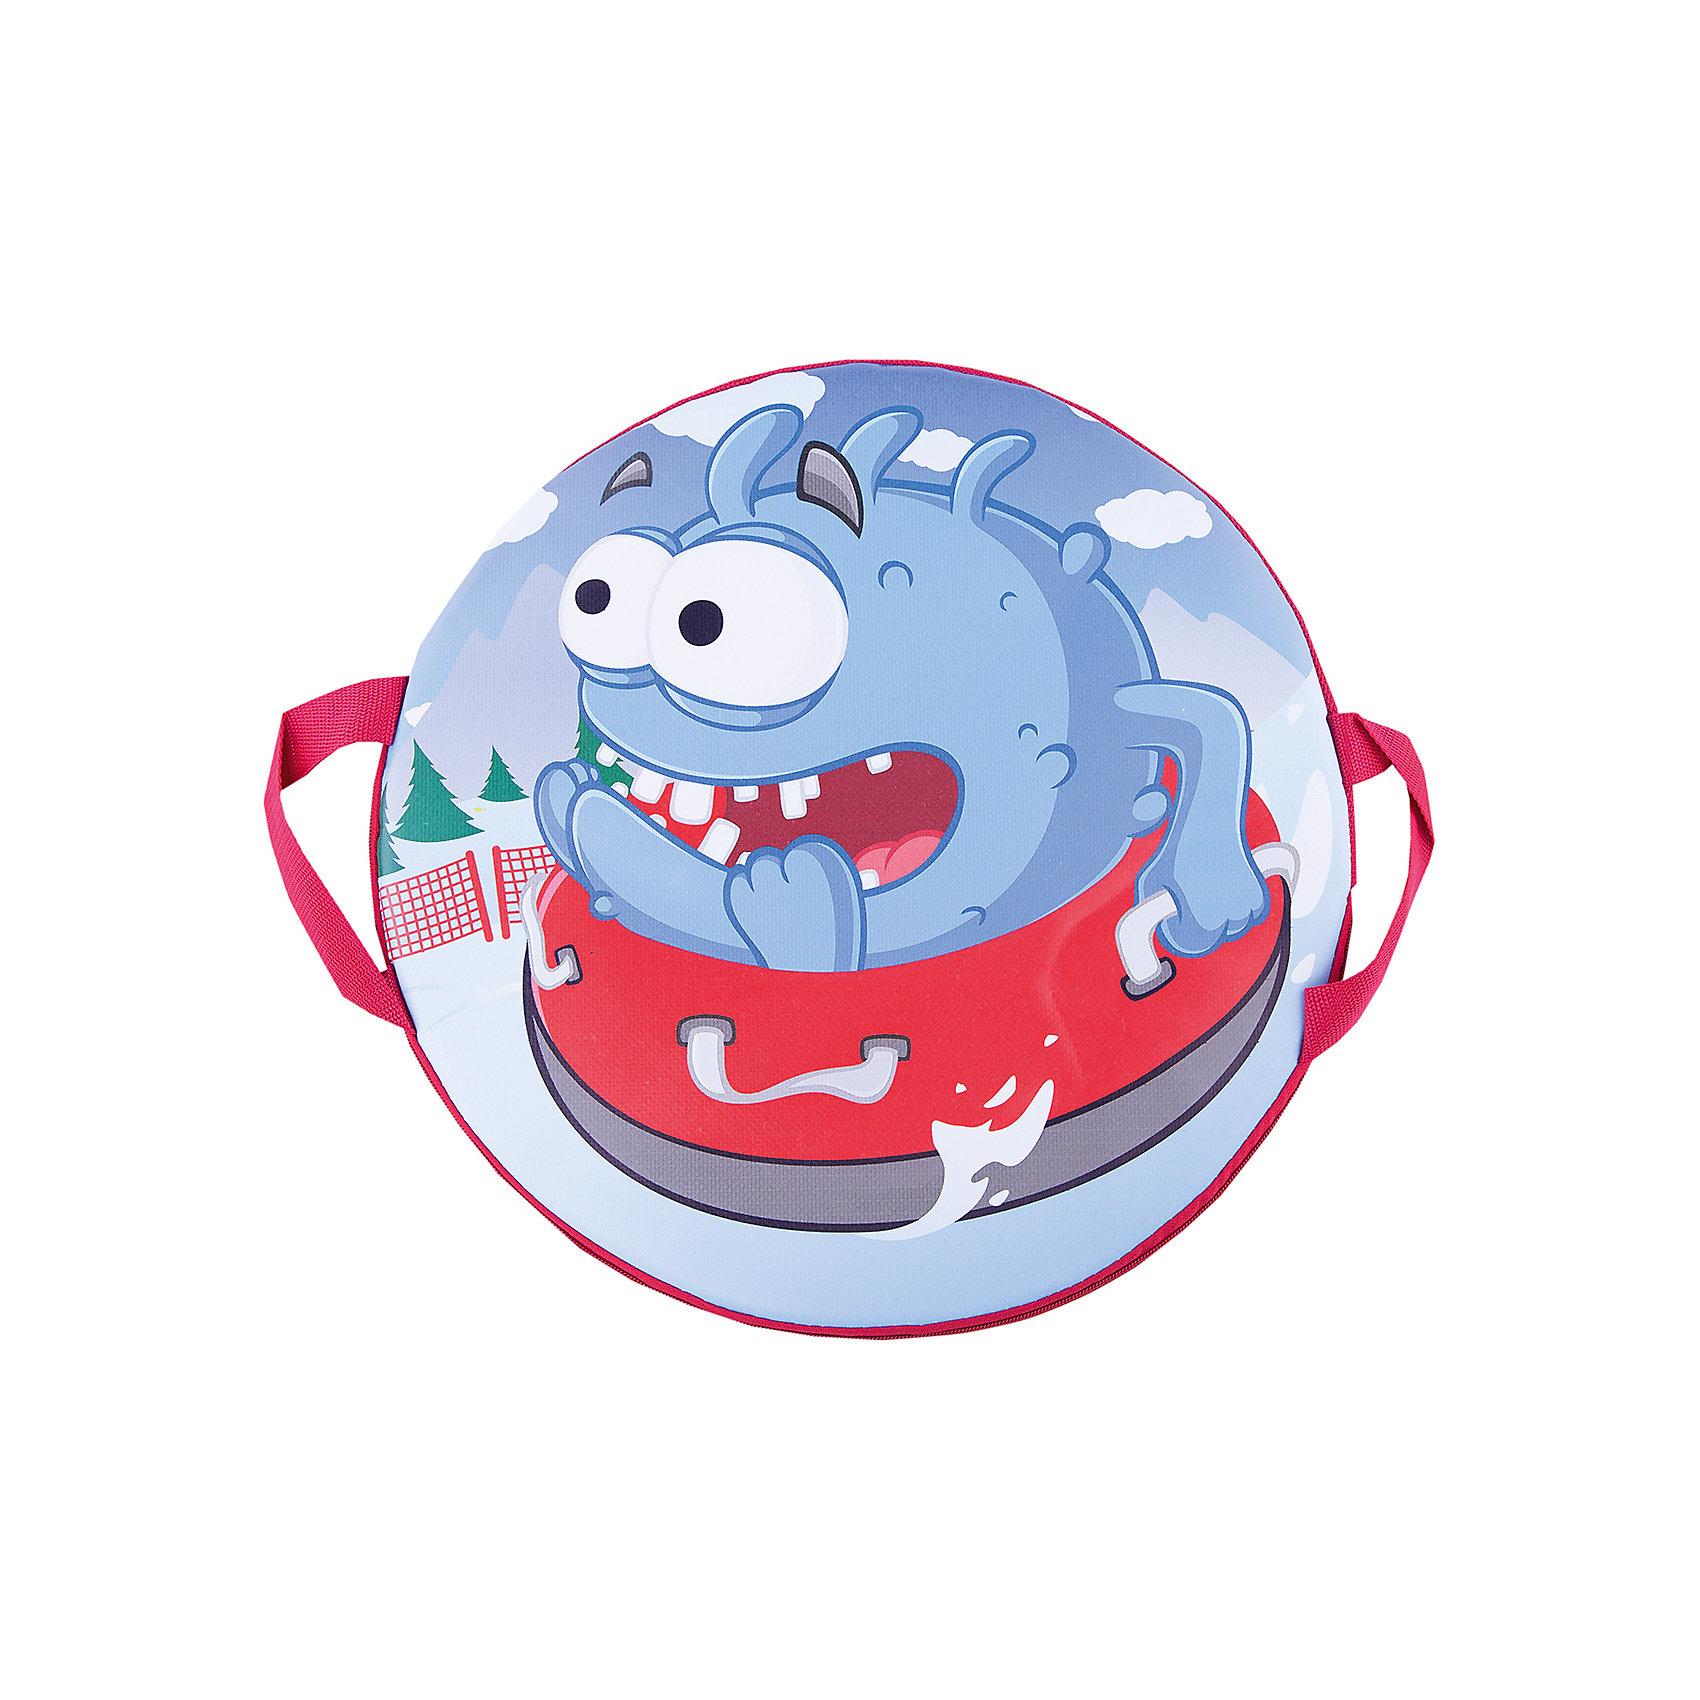 Санки-ледянки № 75 Чудик на ватрушке, диаметр 40смЛедянки<br>Характеристики товара:<br><br>• размер: 40 см<br>• материал: полимер<br>• с принтом<br>• для детей<br>• есть ручки<br><br>Яркие санки-ледянки для катания с горок - отличный подарок для ребенка! Эти ледянки дополнены удобными ручками, с помощью которых можно крепко держаться! Они качественно выполнены, отлично скользят по снегу и помогут принести массу удовольствия от катания на горках!<br>Активный зимний отдых помогает ребенку закалиться, развивать физические показатели , нарабатывать новые навыки и способности - ловкость, быструю реакцию, моторику. Изделие производится из качественных сертифицированных материалов, безопасных даже для самых маленьких.<br><br>Санки-ледянки № 75 Чудик на ватрушке, диаметр 40см, можно купить в нашем интернет-магазине.<br><br>Ширина мм: 400<br>Глубина мм: 400<br>Высота мм: 25<br>Вес г: 250<br>Возраст от месяцев: 48<br>Возраст до месяцев: 2147483647<br>Пол: Унисекс<br>Возраст: Детский<br>SKU: 5214874